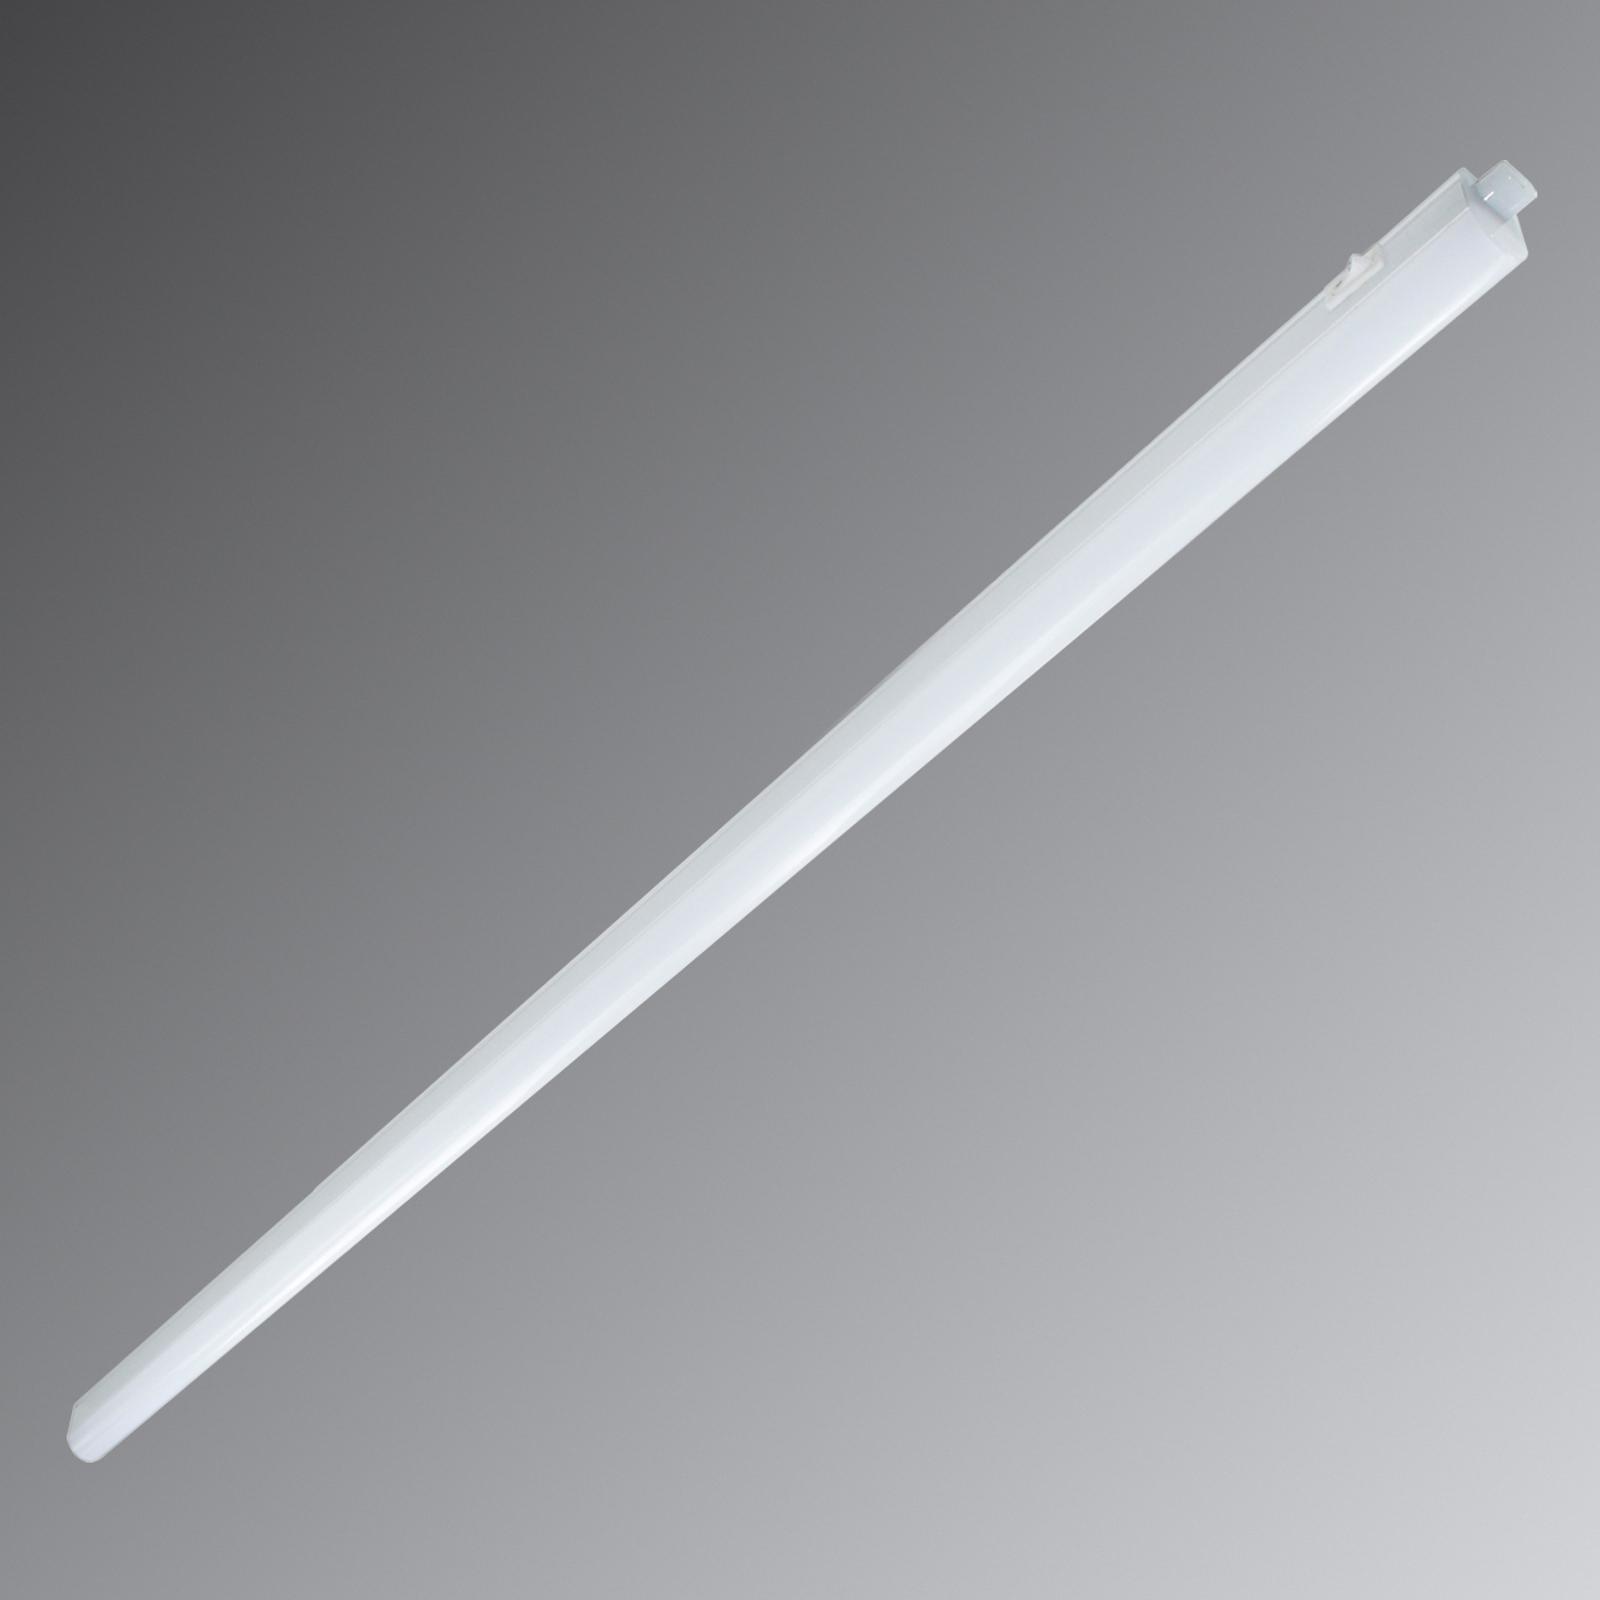 Längliche LED-Unterbauleuchte Eckenheim in Weiß